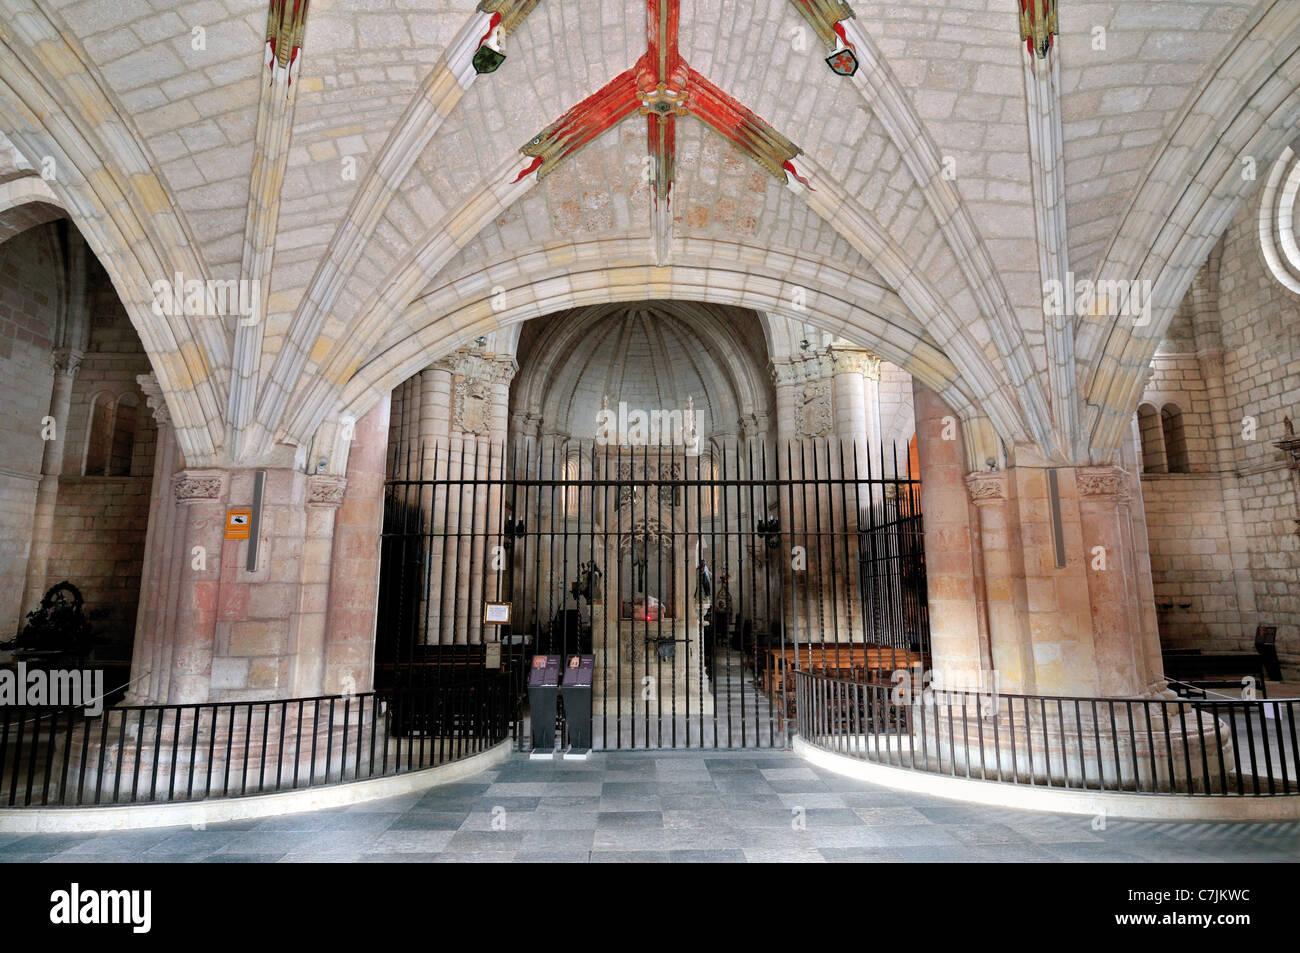 España, Camino de Santiago: Interior de la iglesia del monasterio de San Juan de Ortega Foto de stock